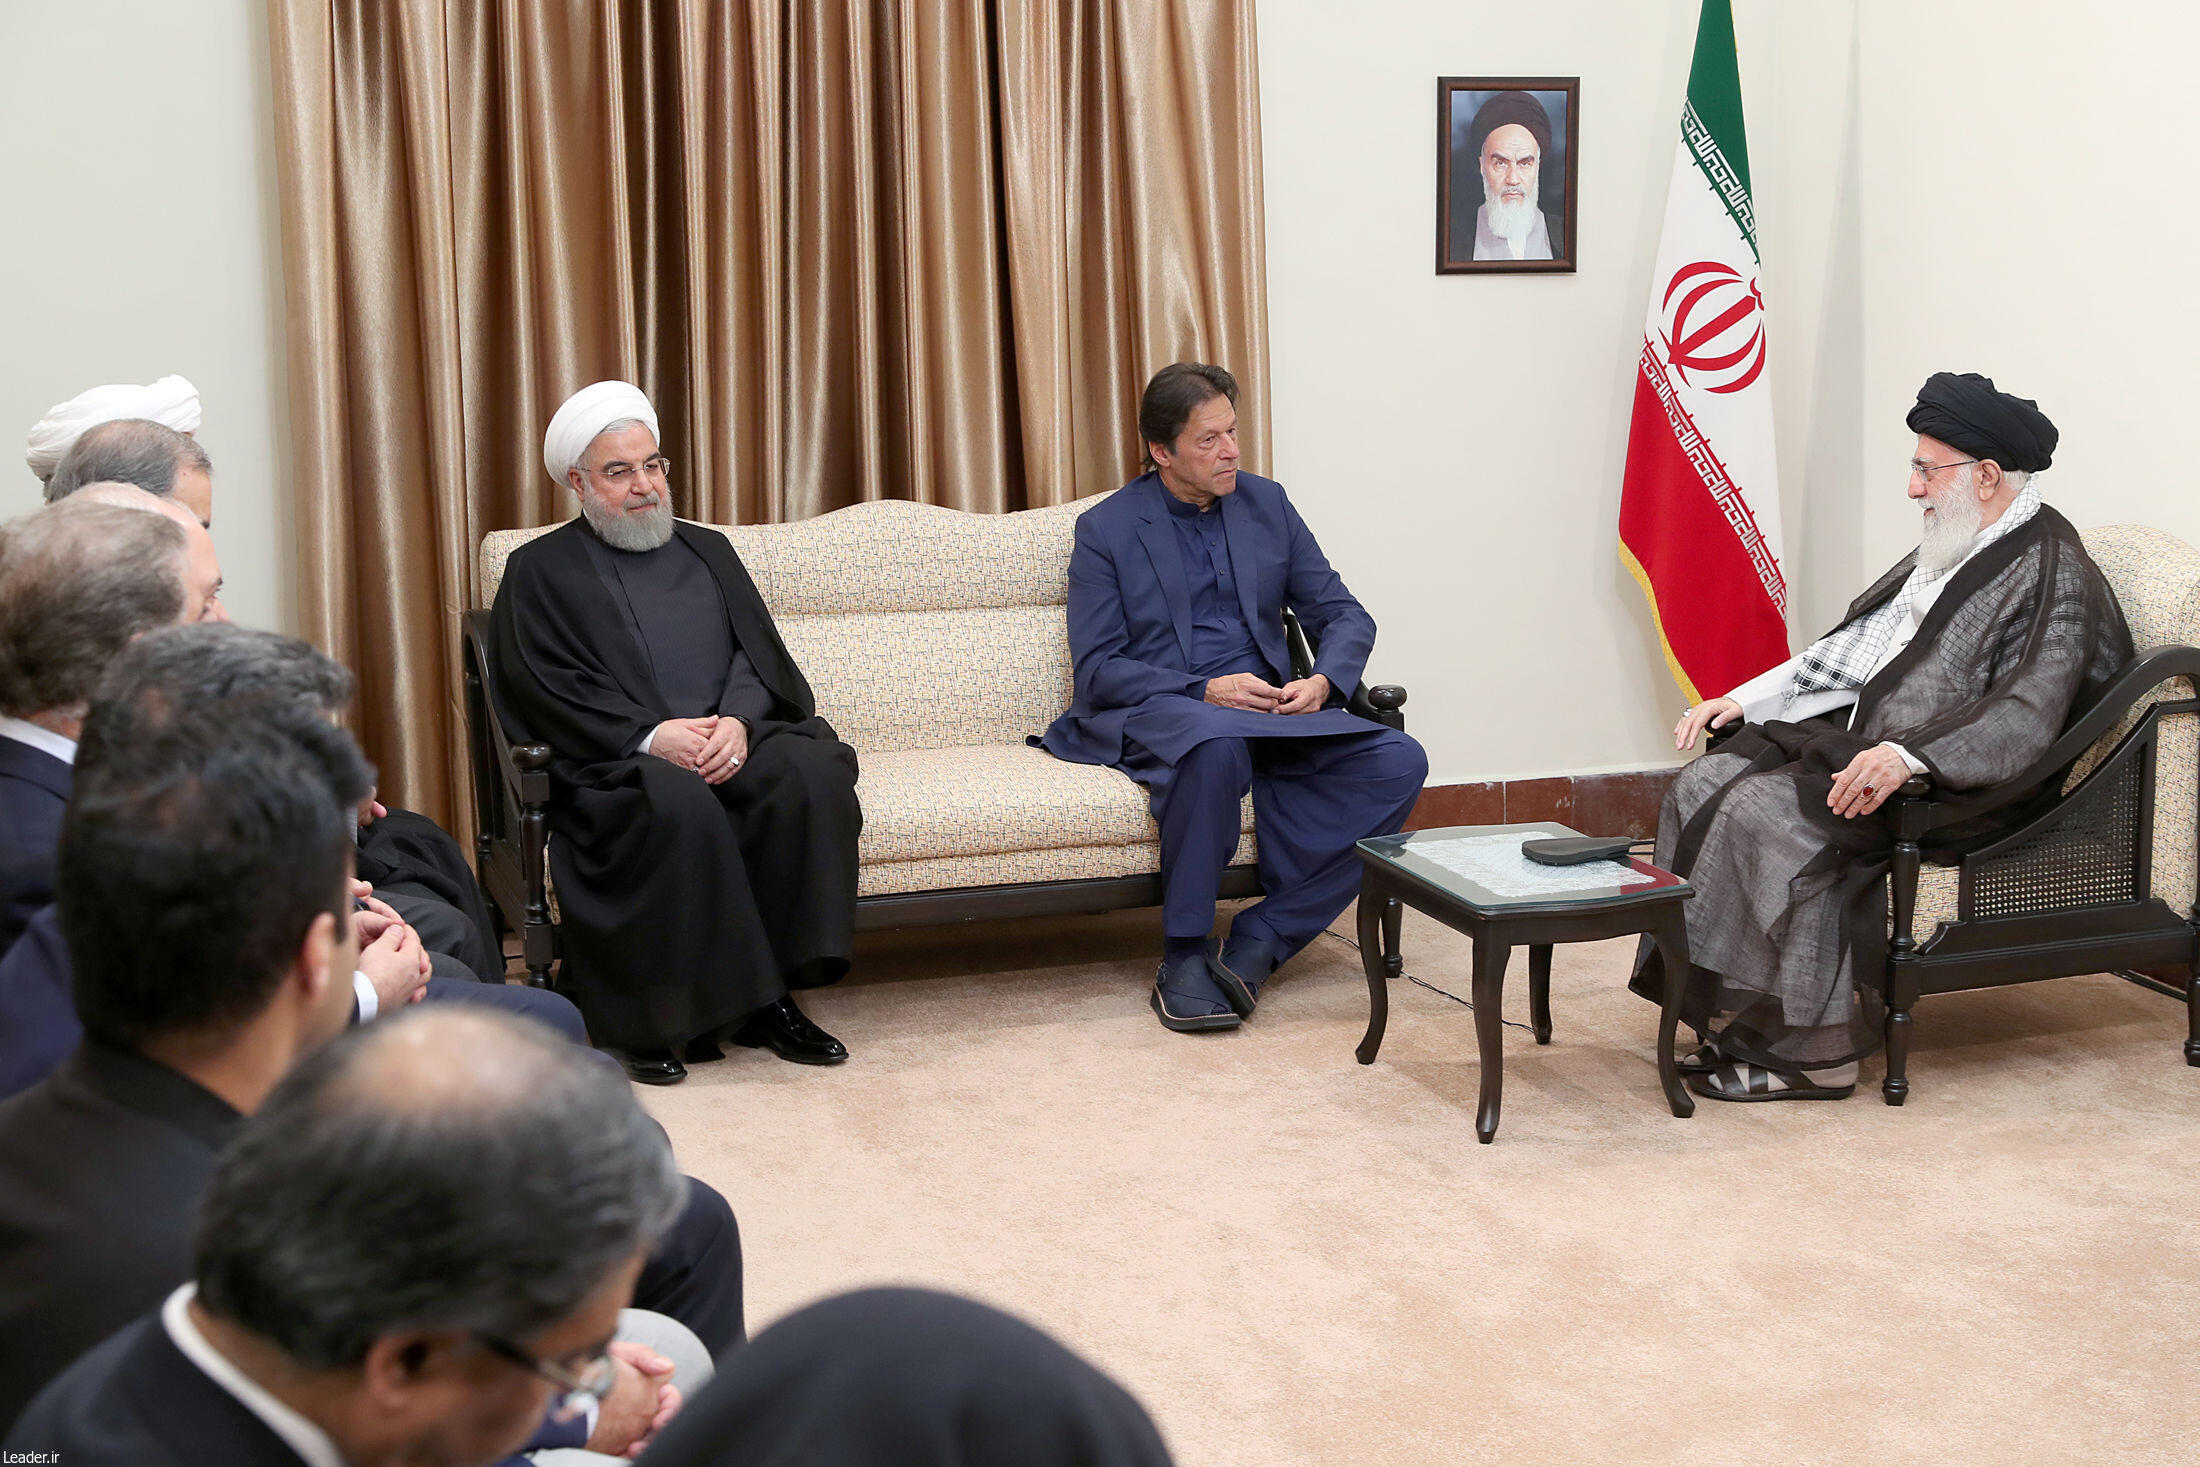 دیدار عمران خان، نخست وزیر پاکستان با علی خامنهای رهبر جمهوری اسلامی ایران. یکشنبه ٢١ مهر/ ١٣ اکتبر ٢٠۱٩